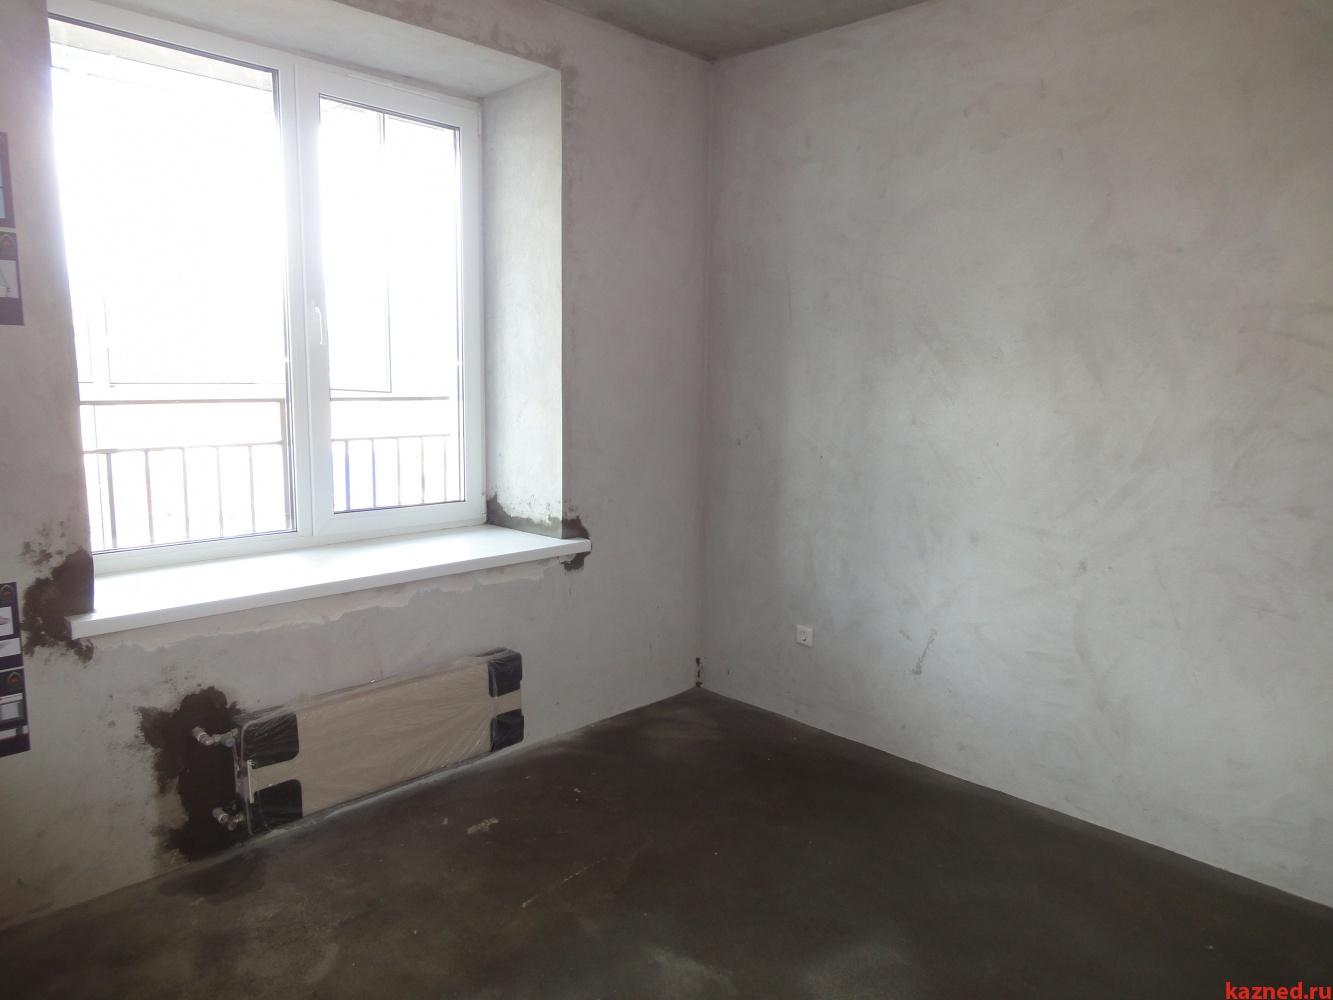 Продажа 2-к квартиры Мамадышский тракт, 45 м2  (миниатюра №2)